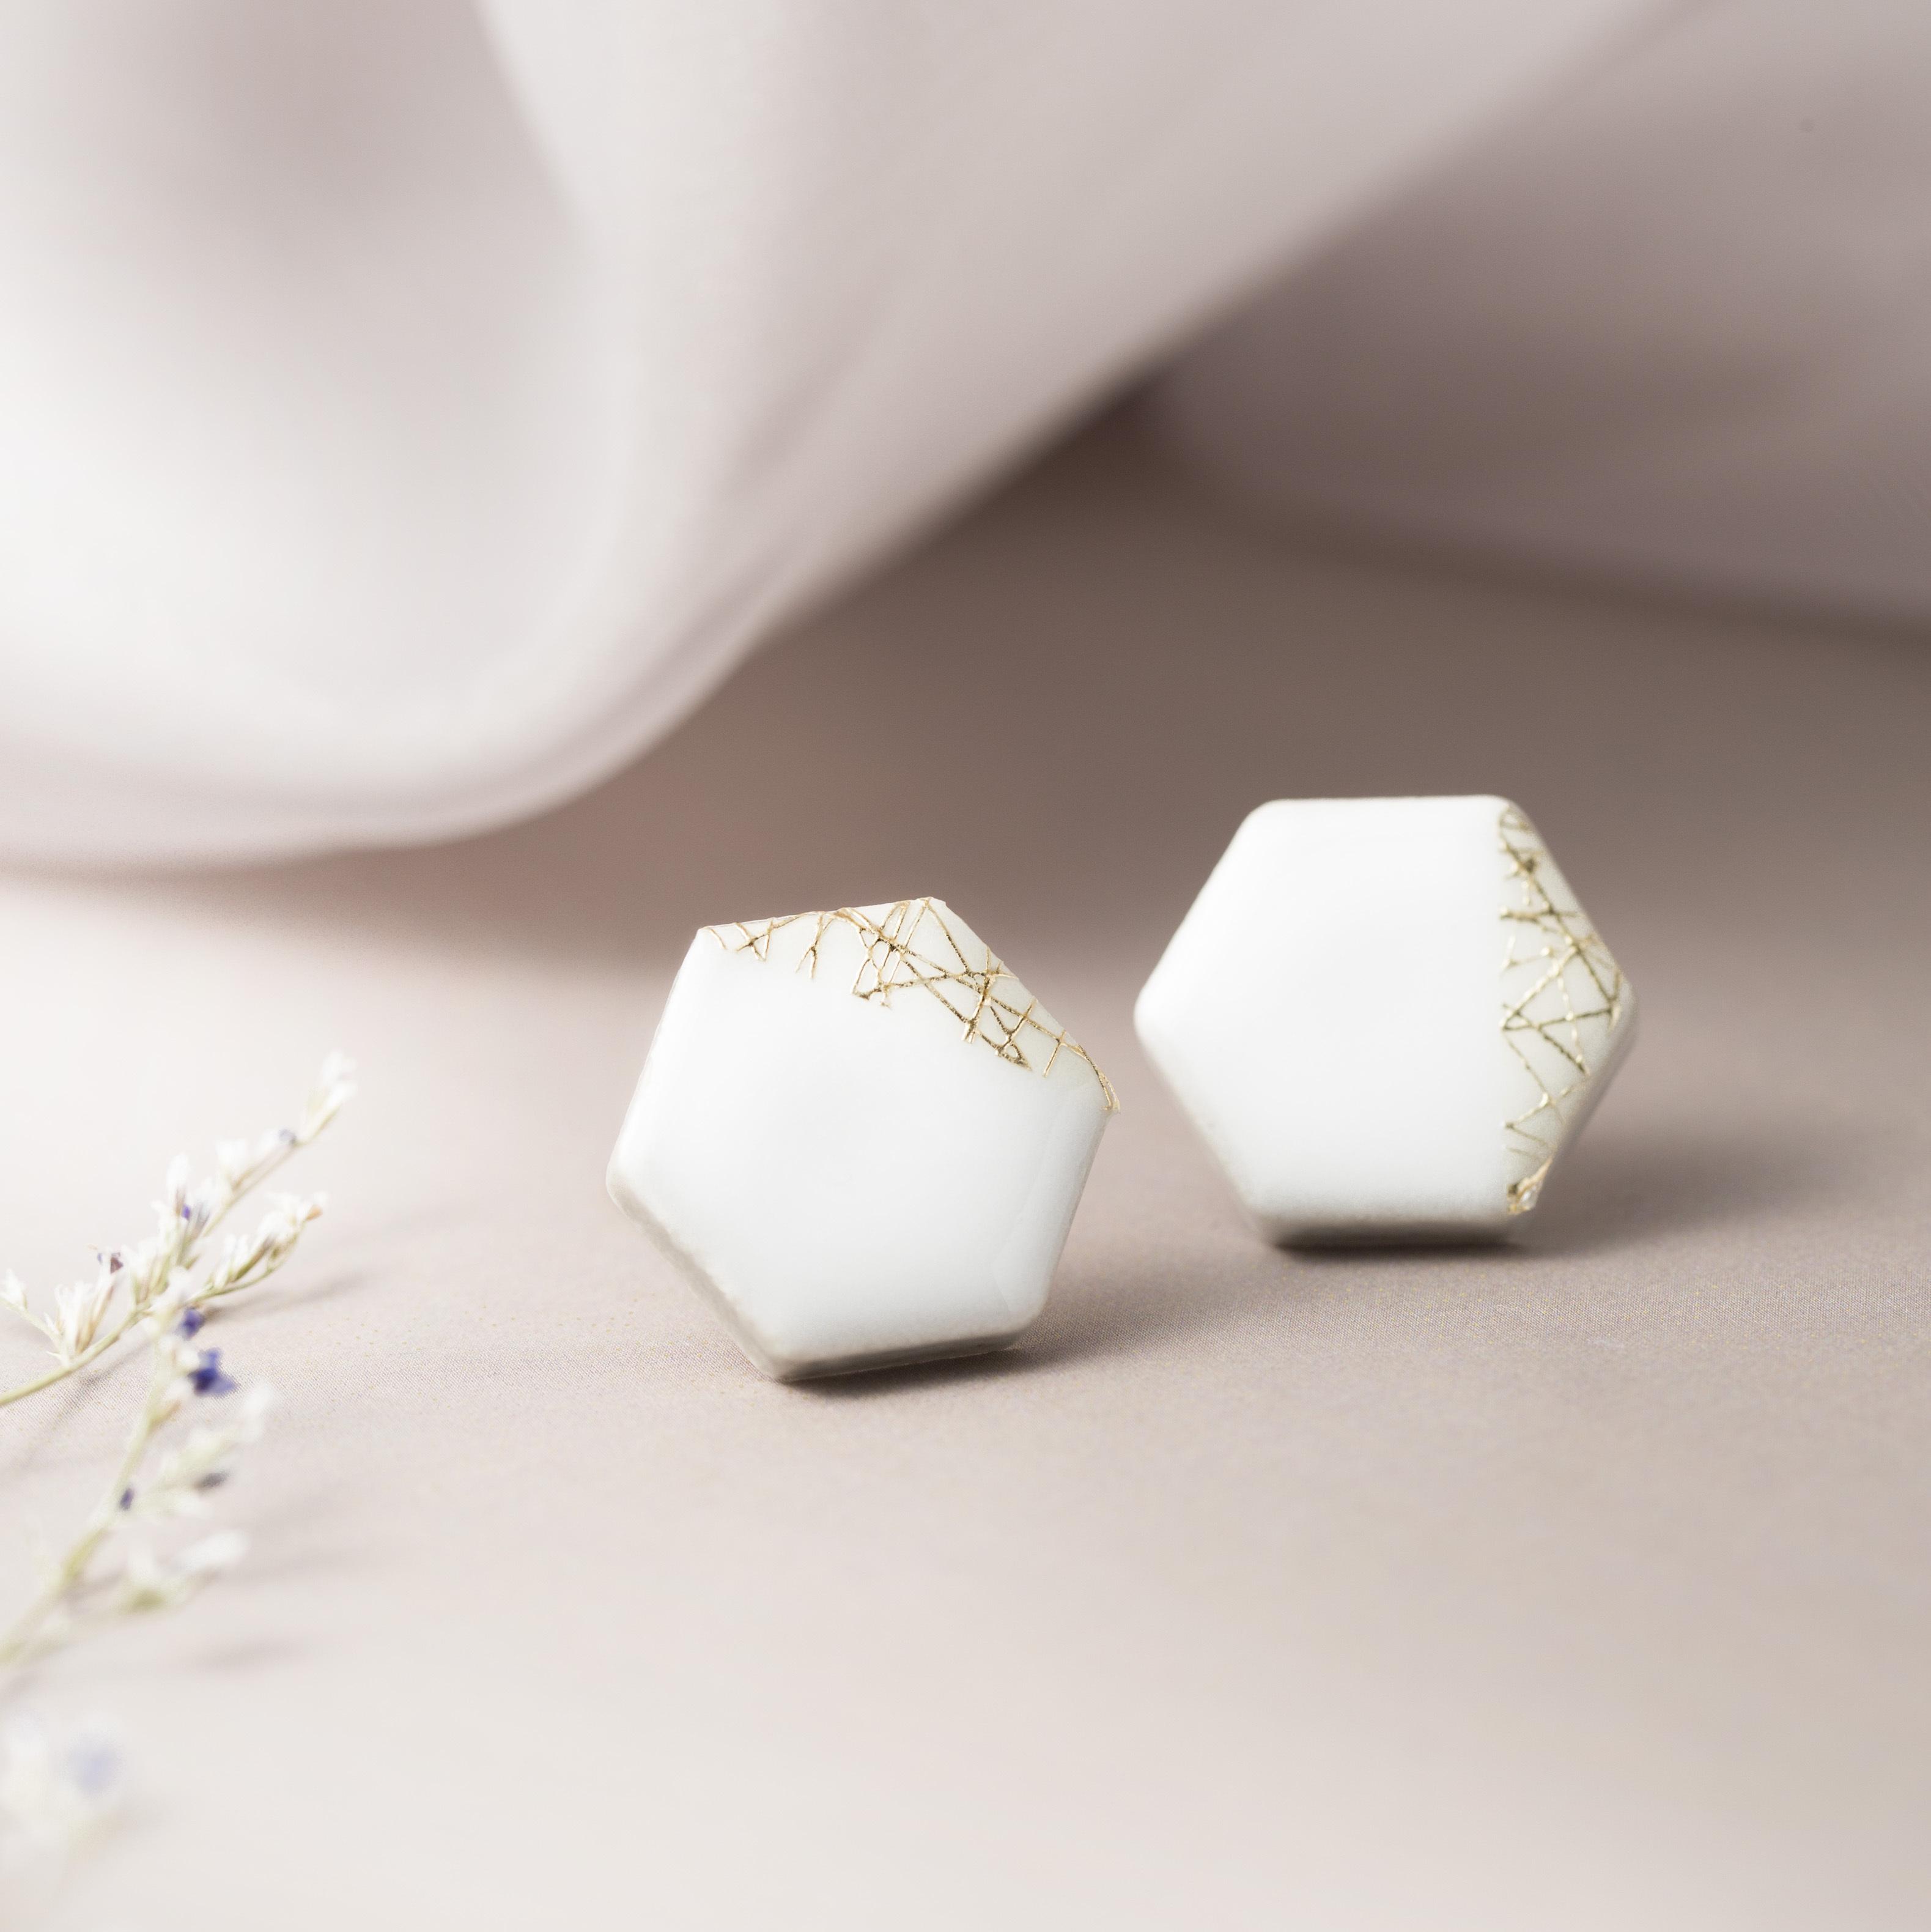 美濃焼 陶器 六角形 木漏れ日 イヤリング ピアス ホワイト 伝統工芸品